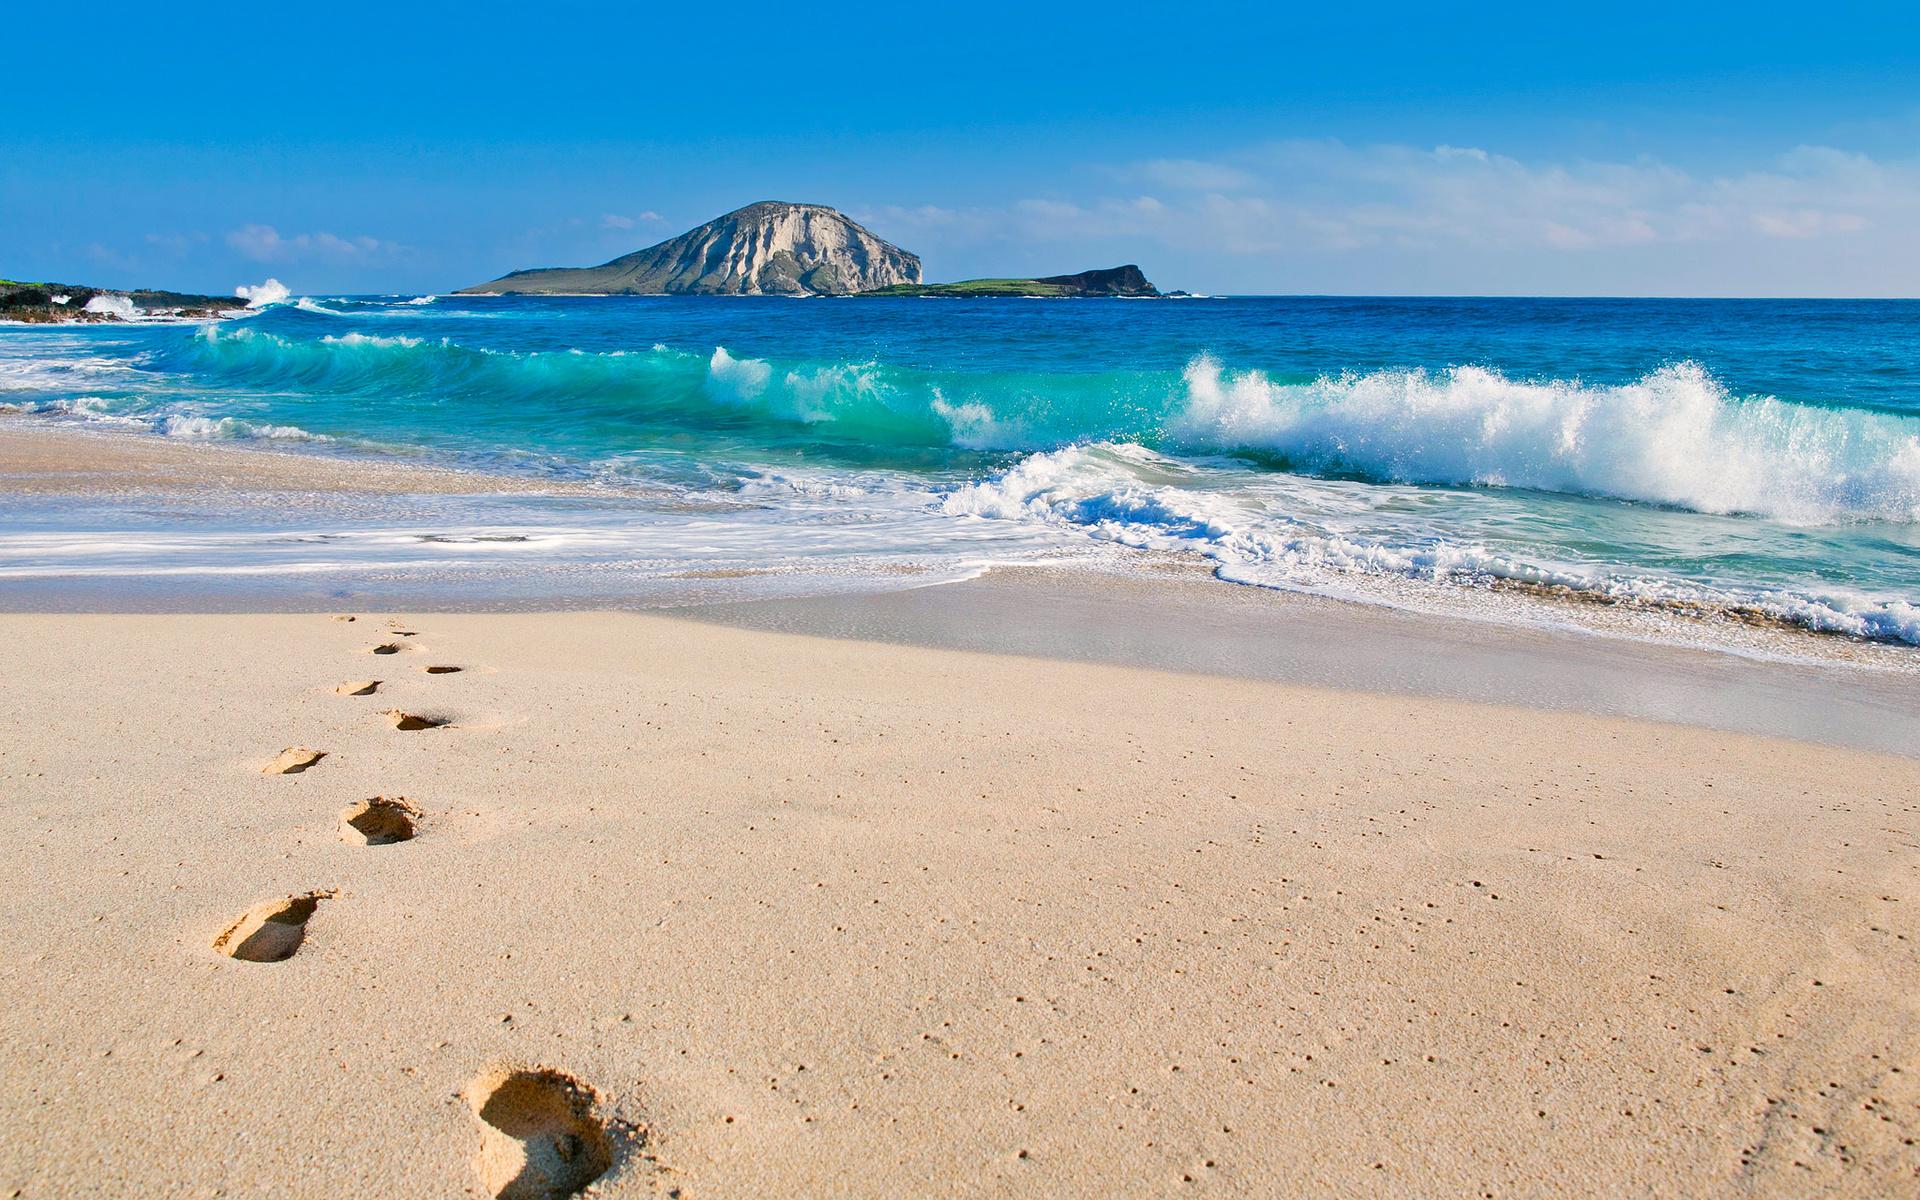 море песок полоса остров бесплатно